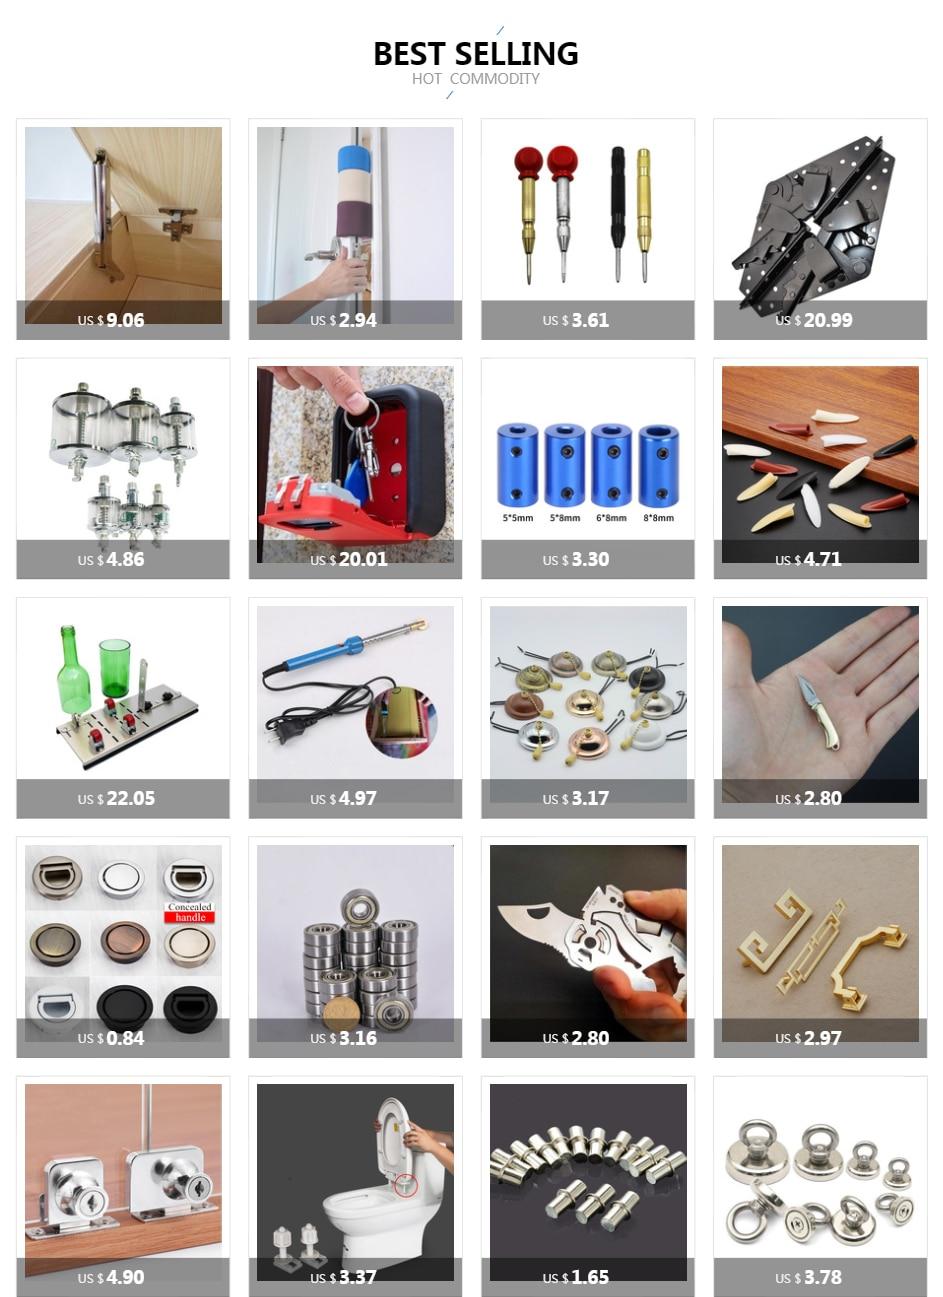 H6b2472cf3ba040b7a7eeed0b625be41fi - New solid Concealed drawer knob ring round handles Wardrobe Cupboard Door handles for interior doors Pulls Furniture Hardware